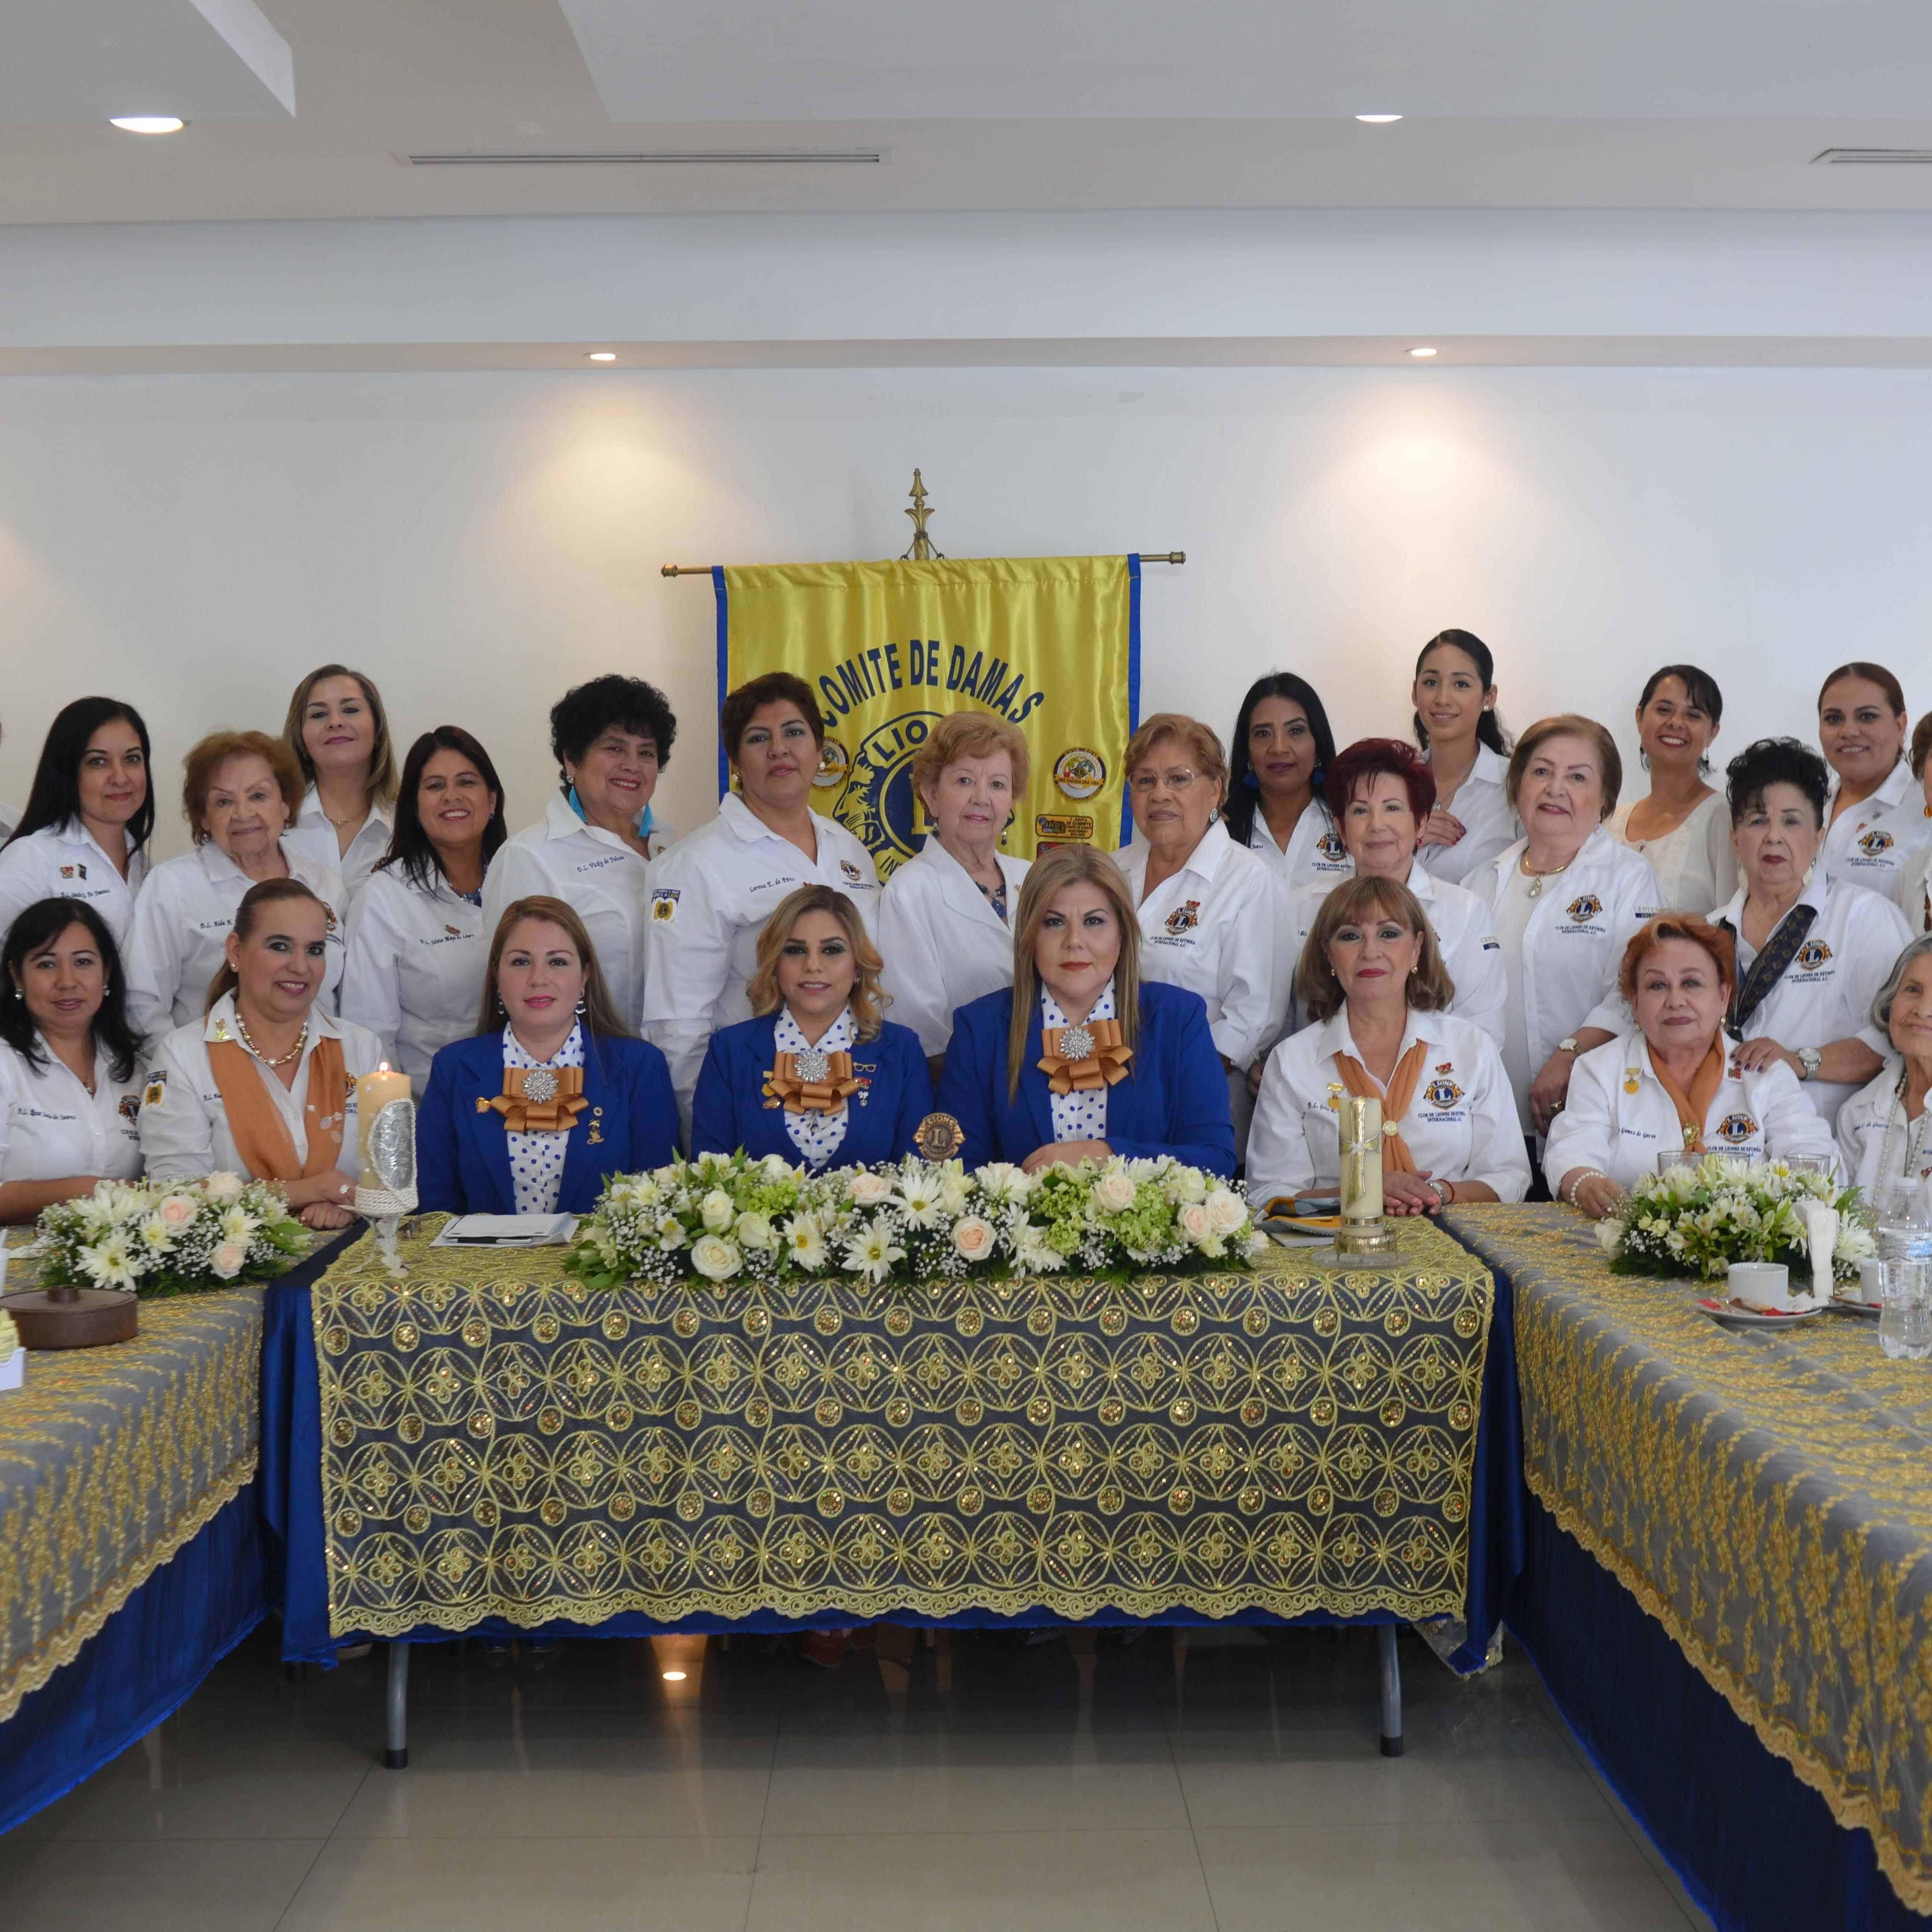 PRIMER JUNTA. Comité de Damas del Club de Leones de Reynosa Internacional A.C.